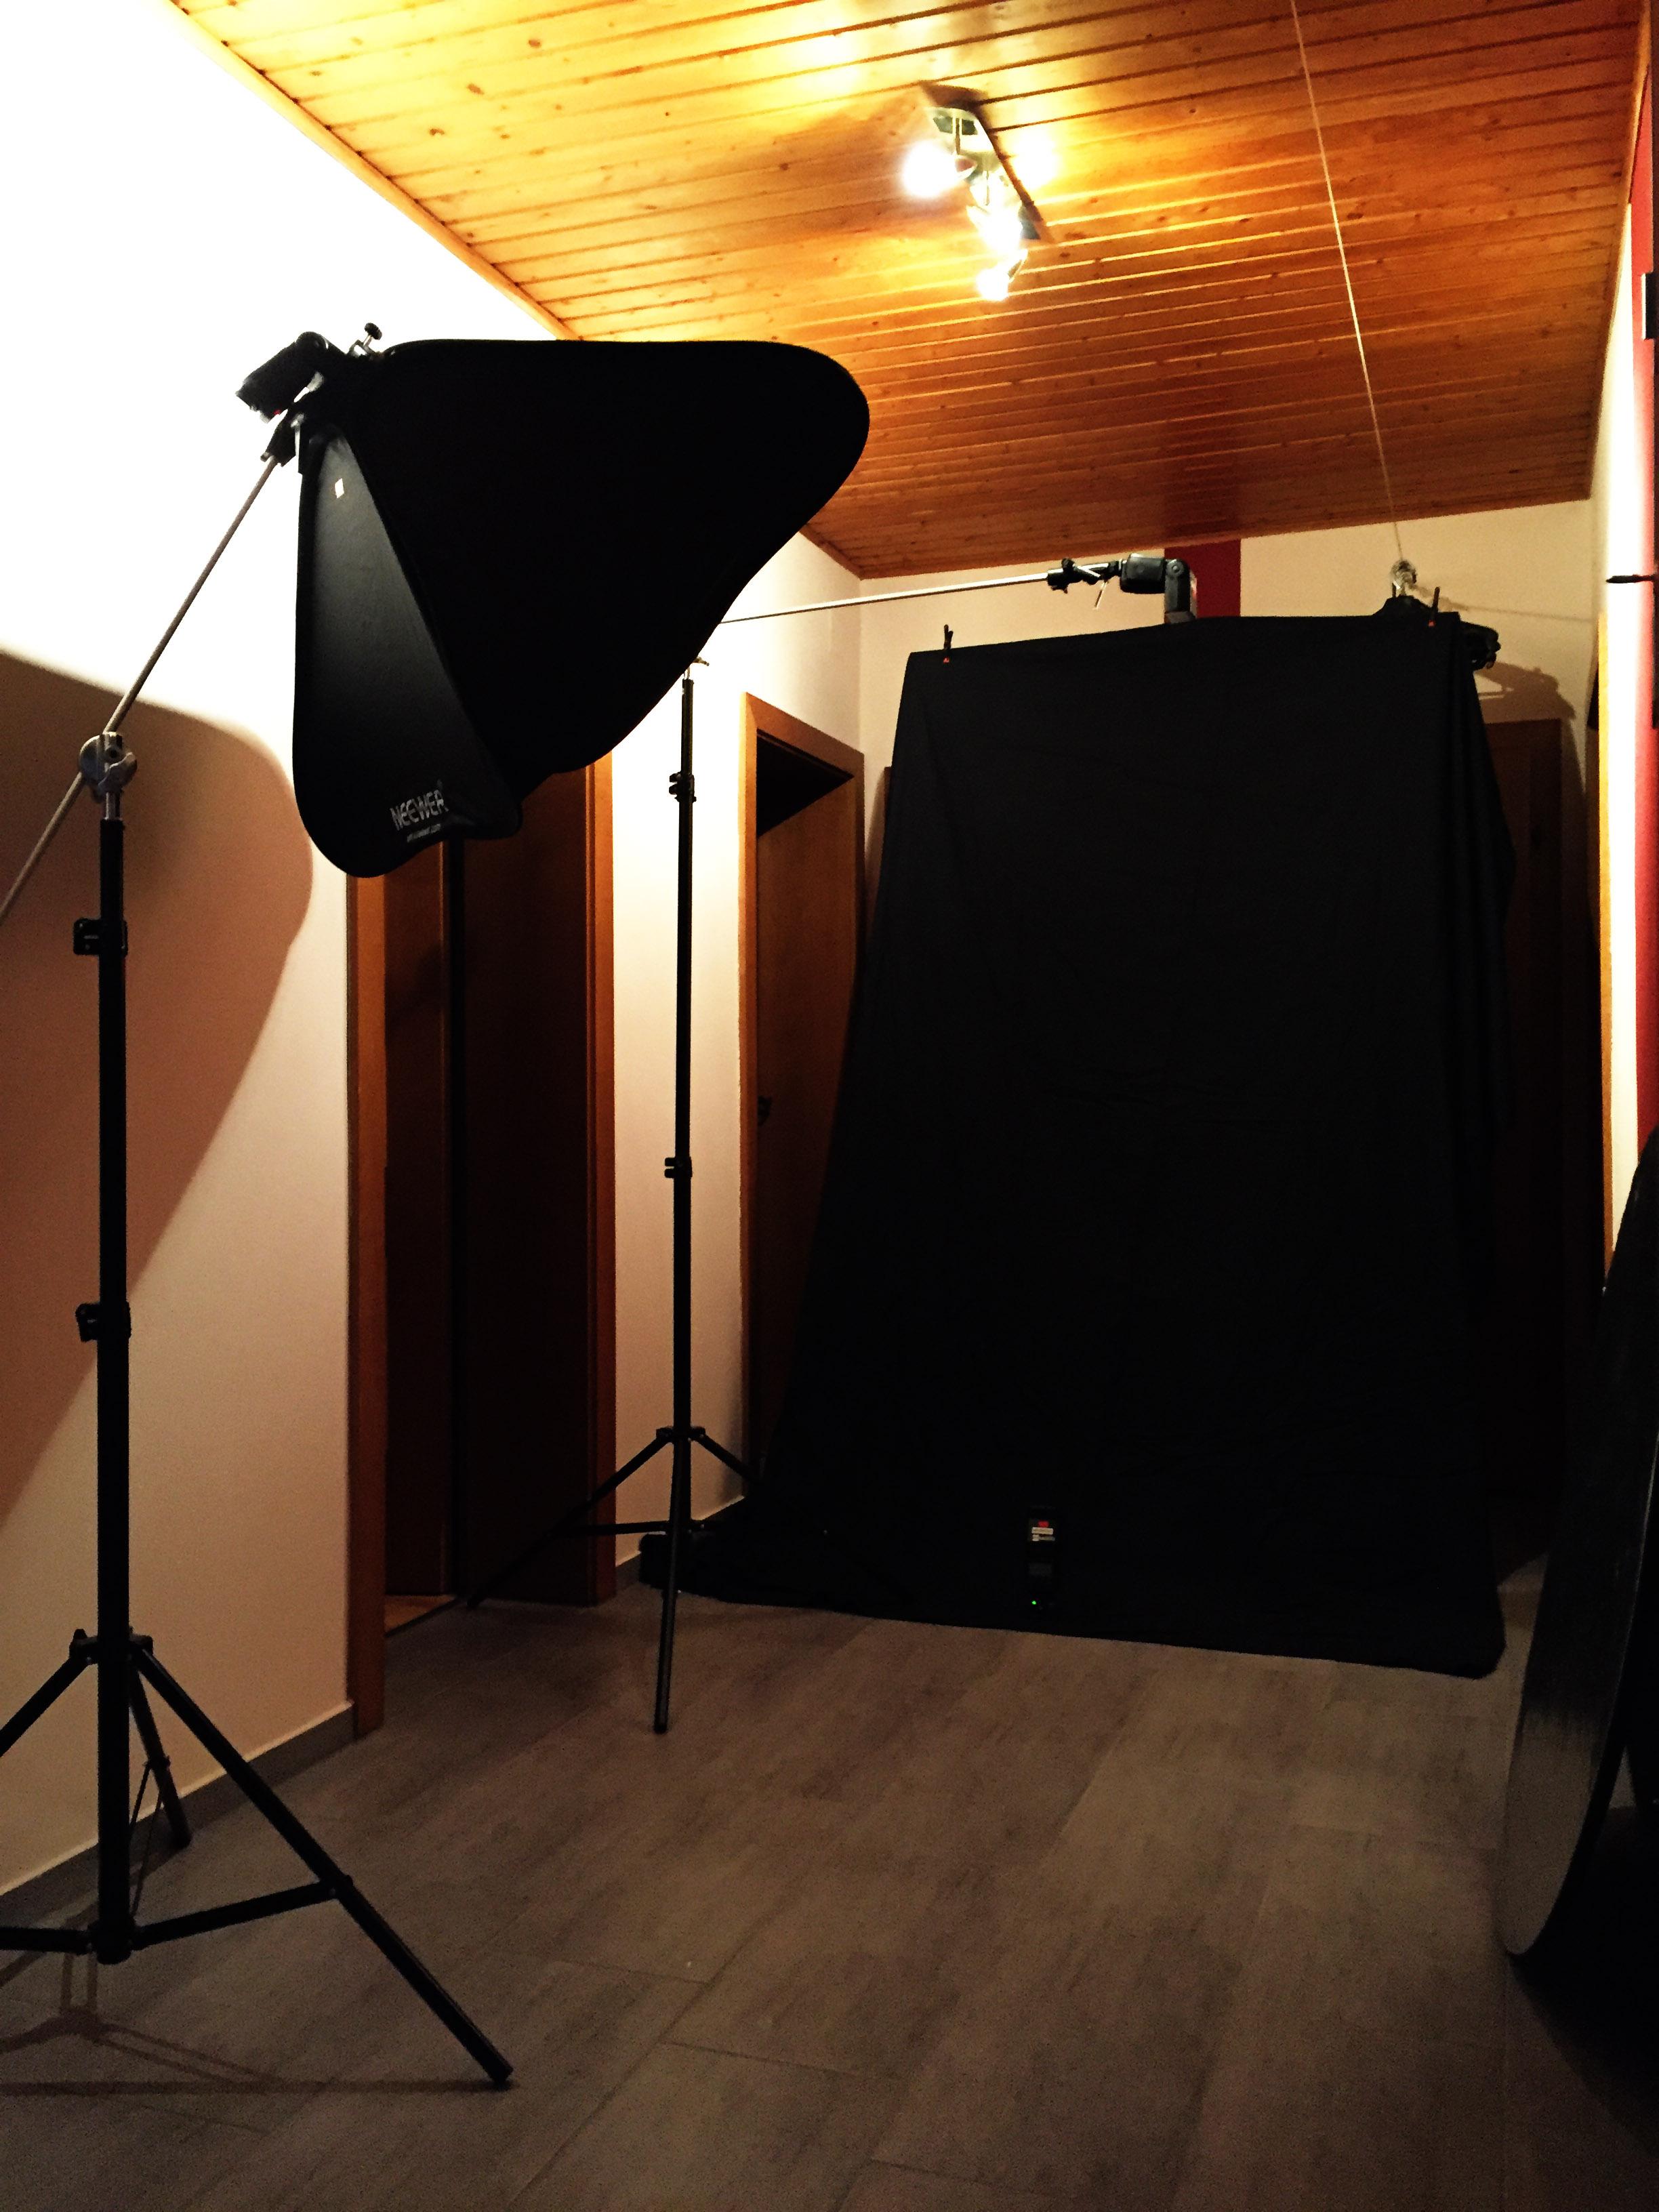 Hinter den Kulissen / Behind the scenes